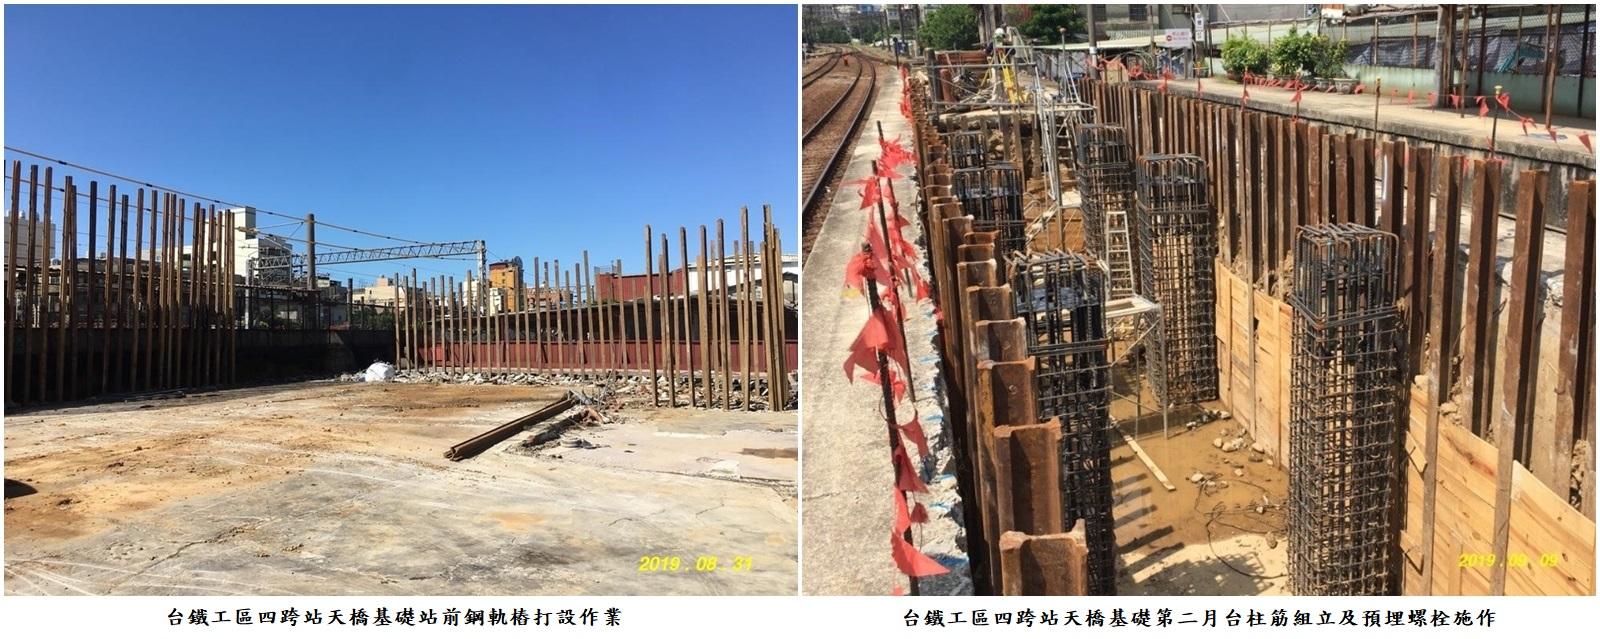 台鐵工區四跨站天橋基礎站前鋼軌樁打設作、天橋基礎第二月台柱筋組立及預埋螺栓施作